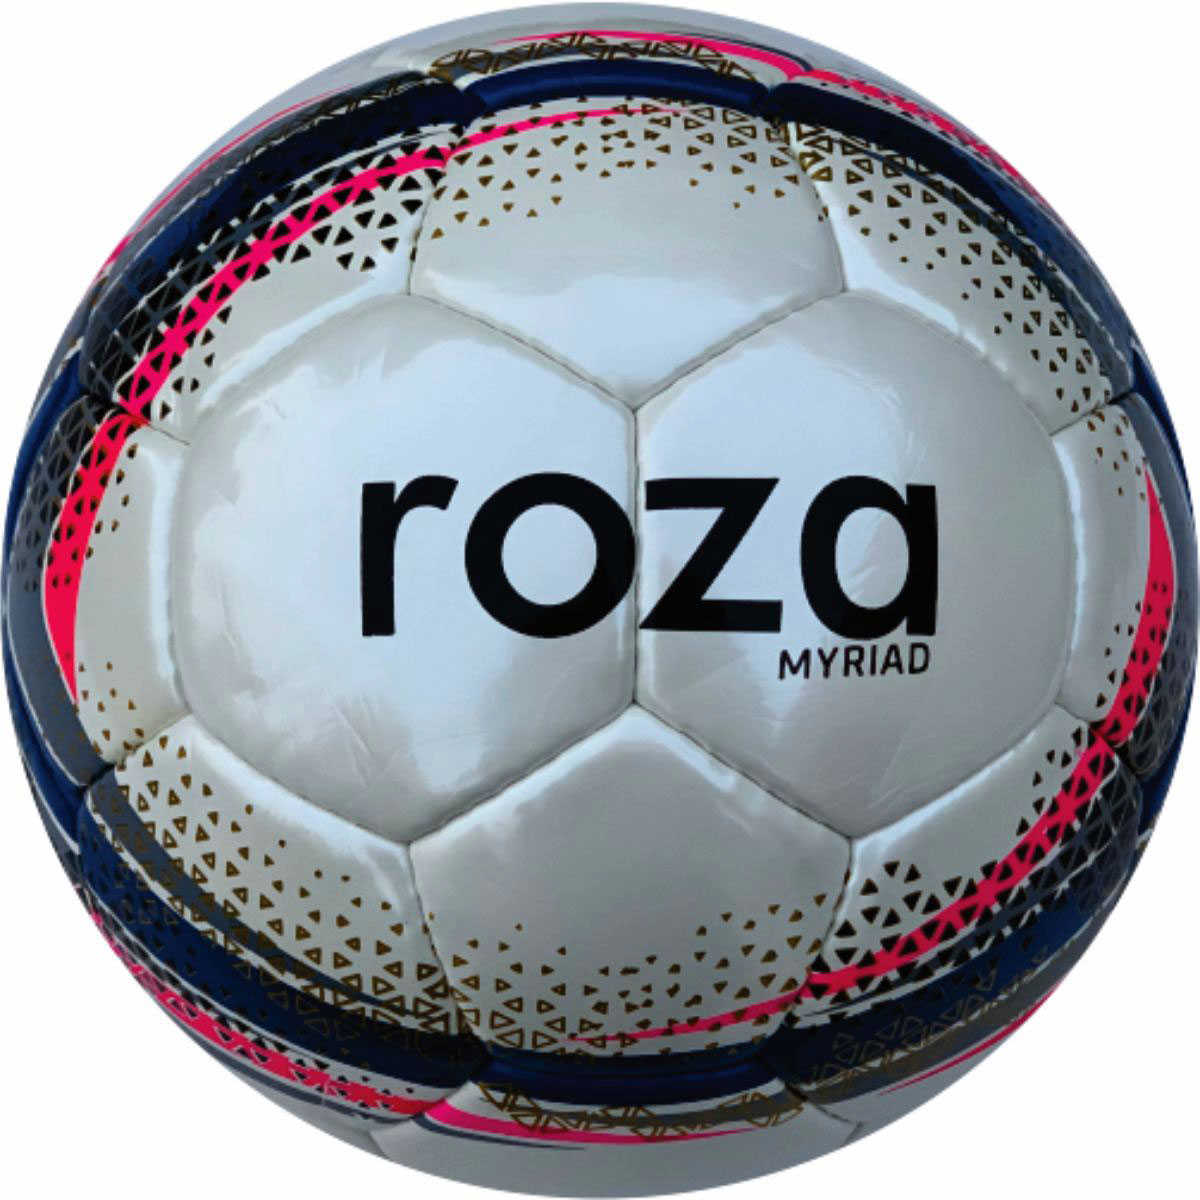 Roza Myriad